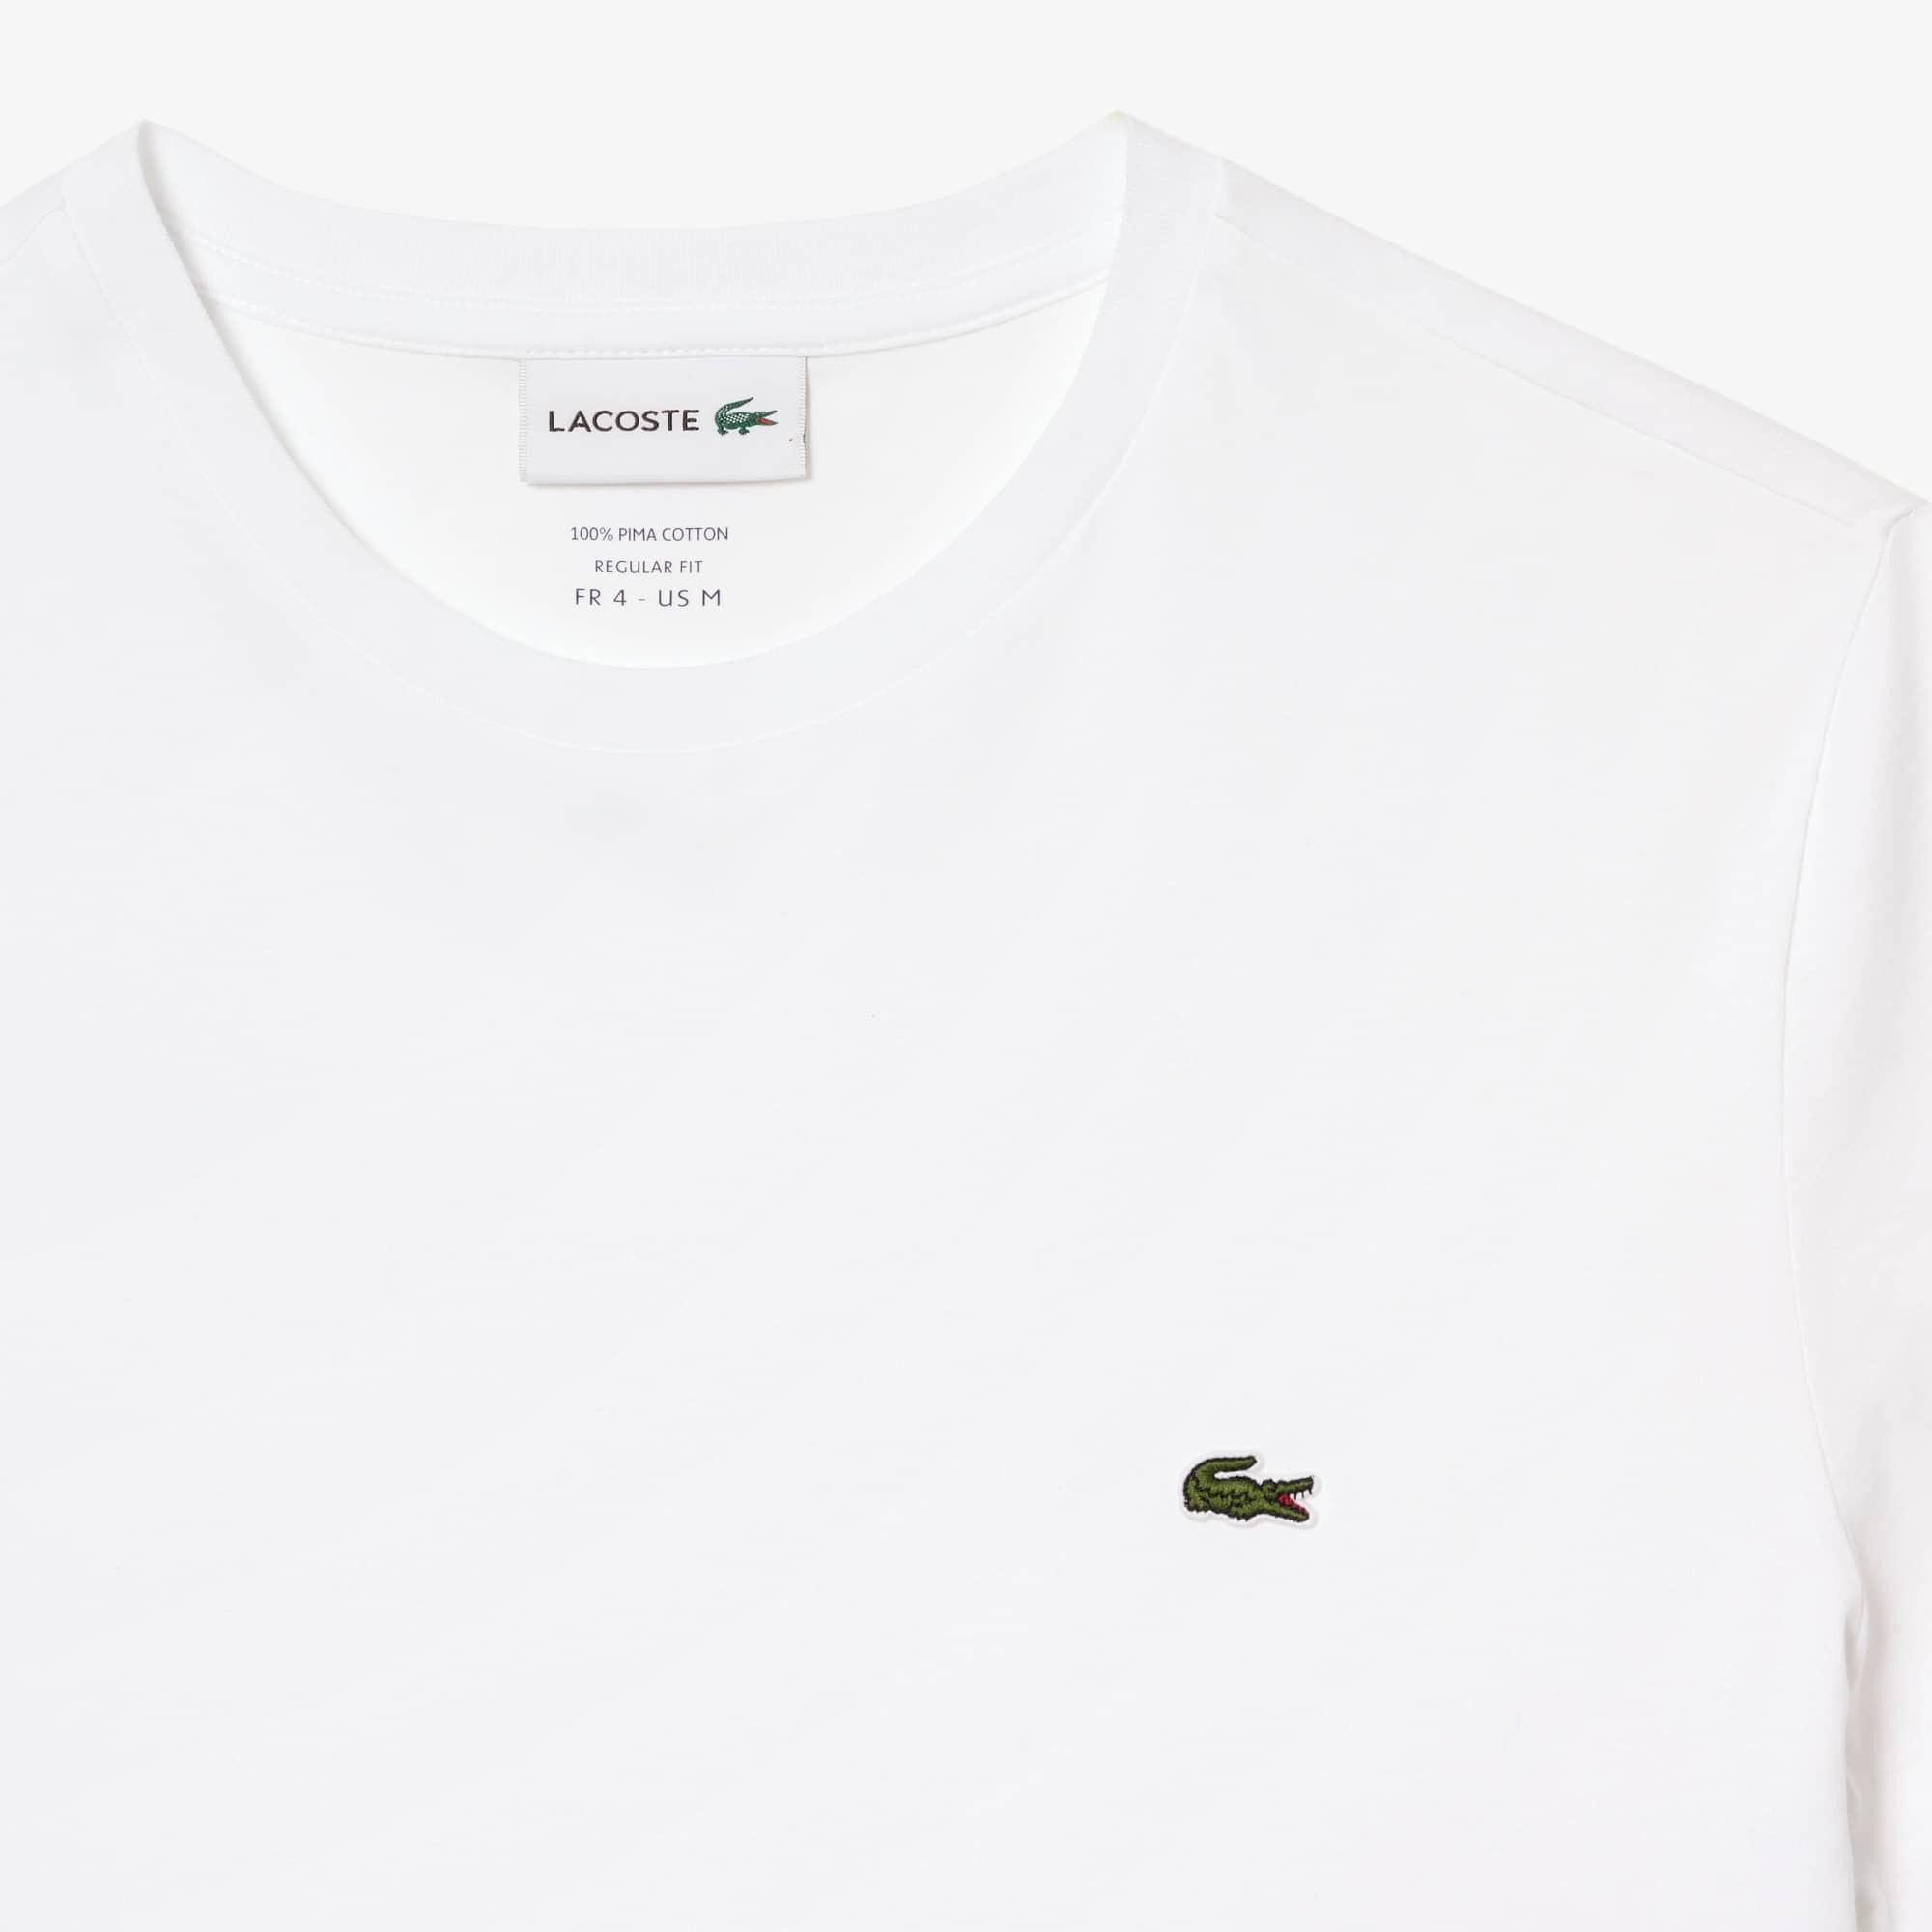 74a08110c5 T-shirt col rond en jersey de coton pima uni